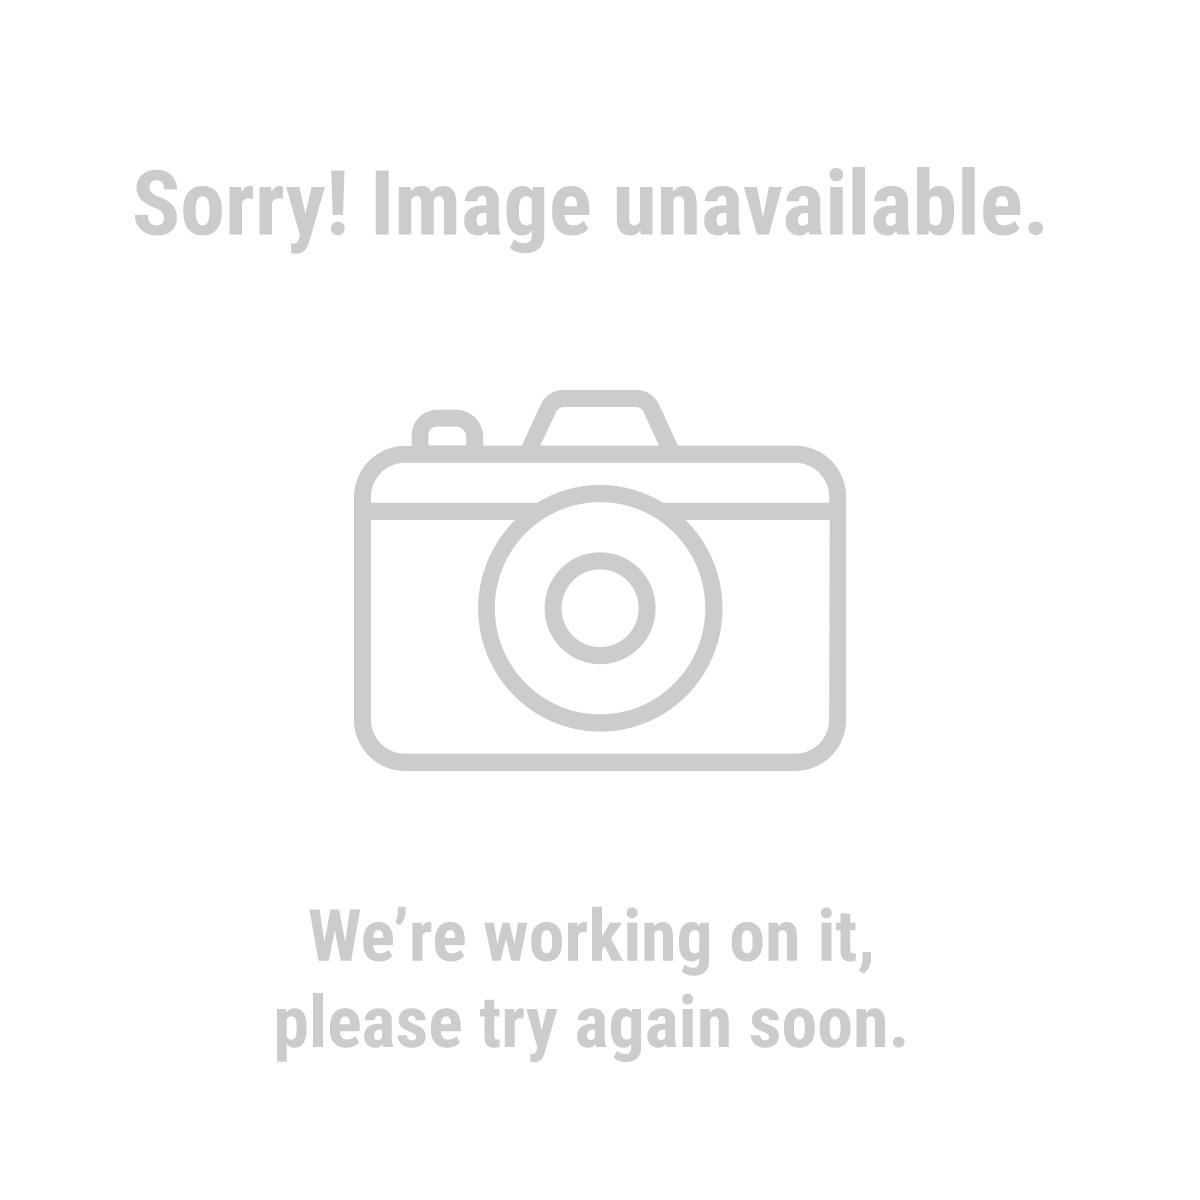 Tipperiyrk Carbide Tool Grinding Machines